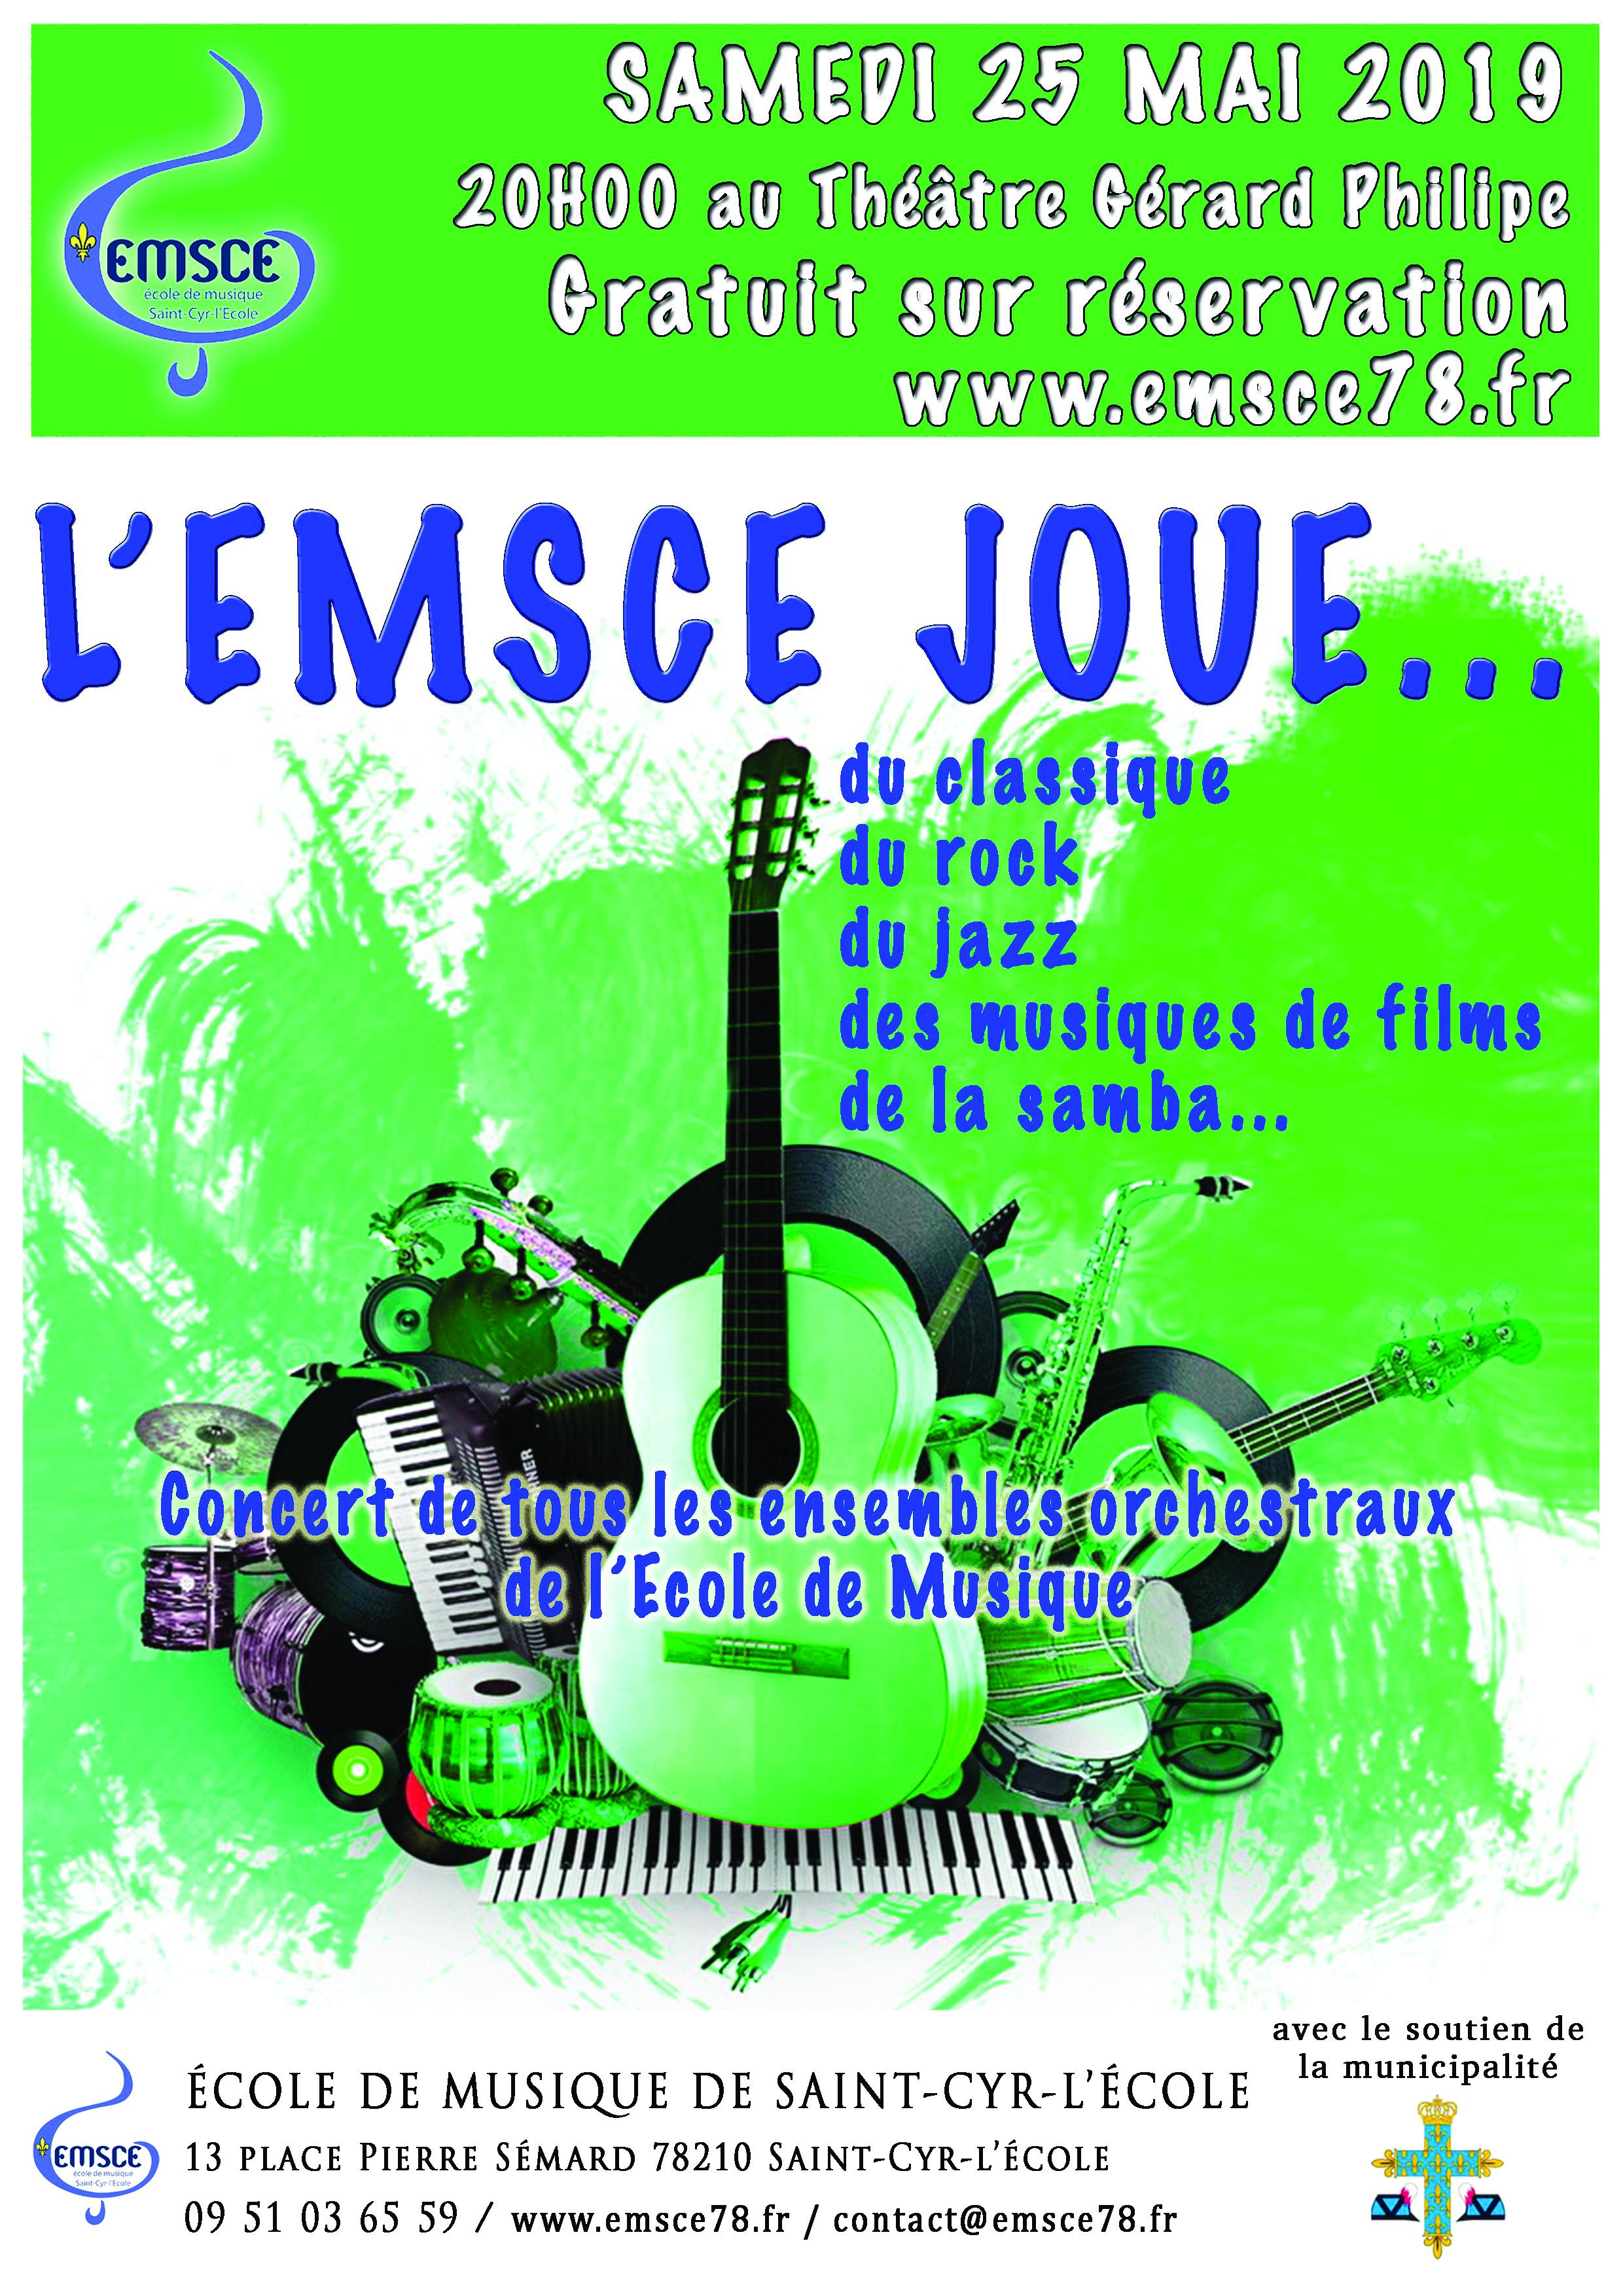 Concert annuel des Ensembles de l'école de musique de Saint-Cyr